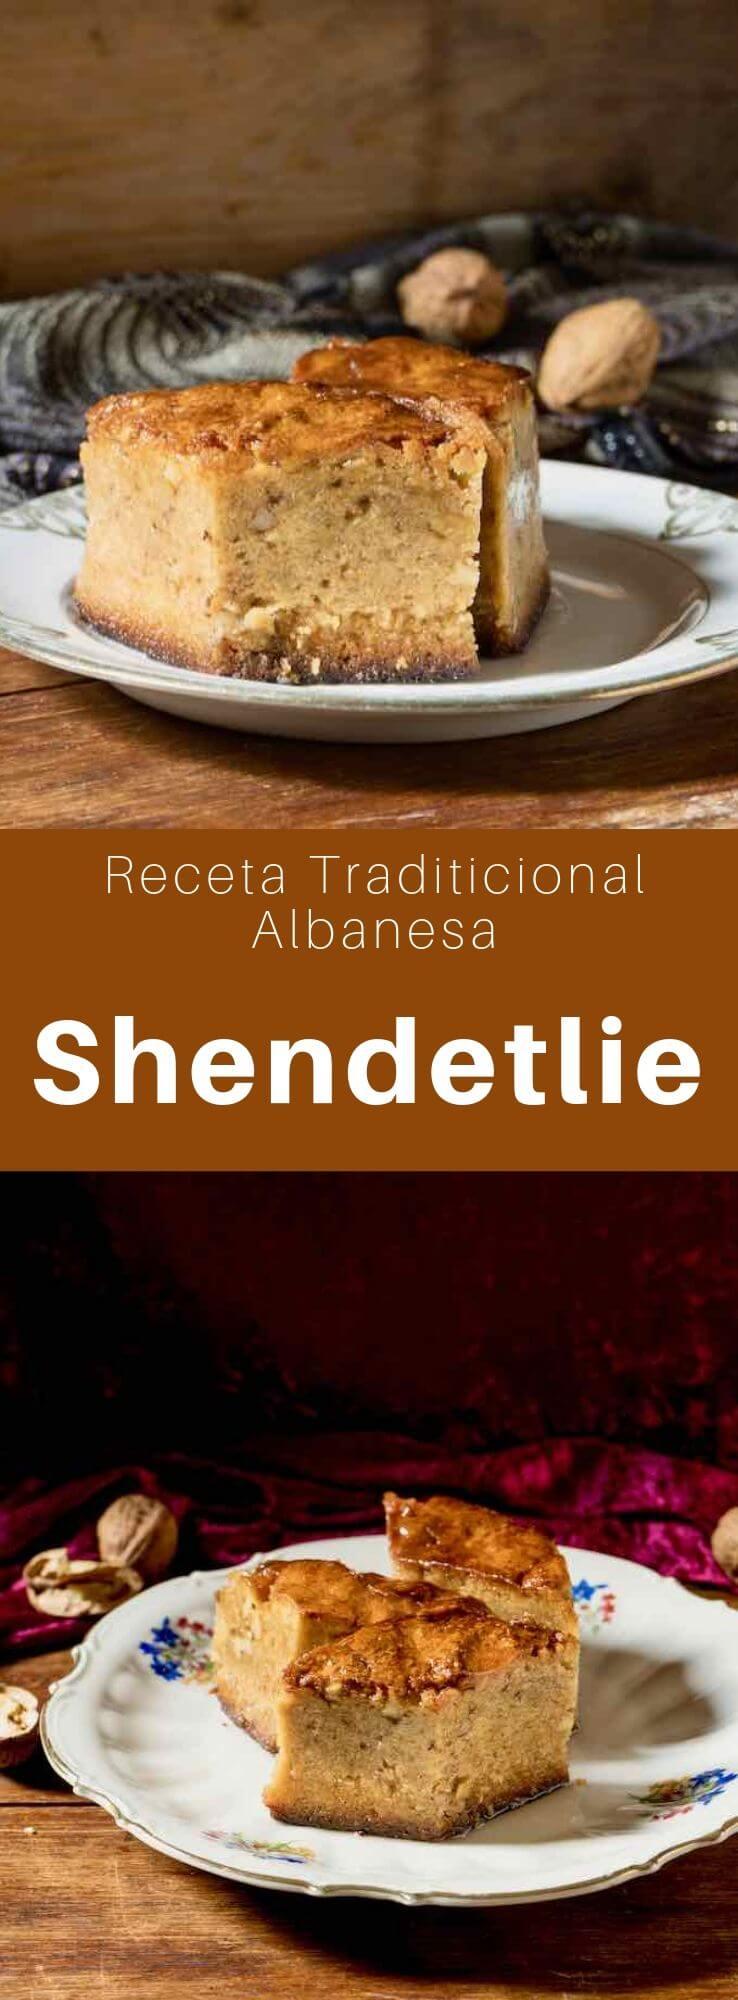 El shendetlie es un delicioso pastel tradicional originario de Albania, hecho con miel y nueces y empapado en un jarabe de azúcar.